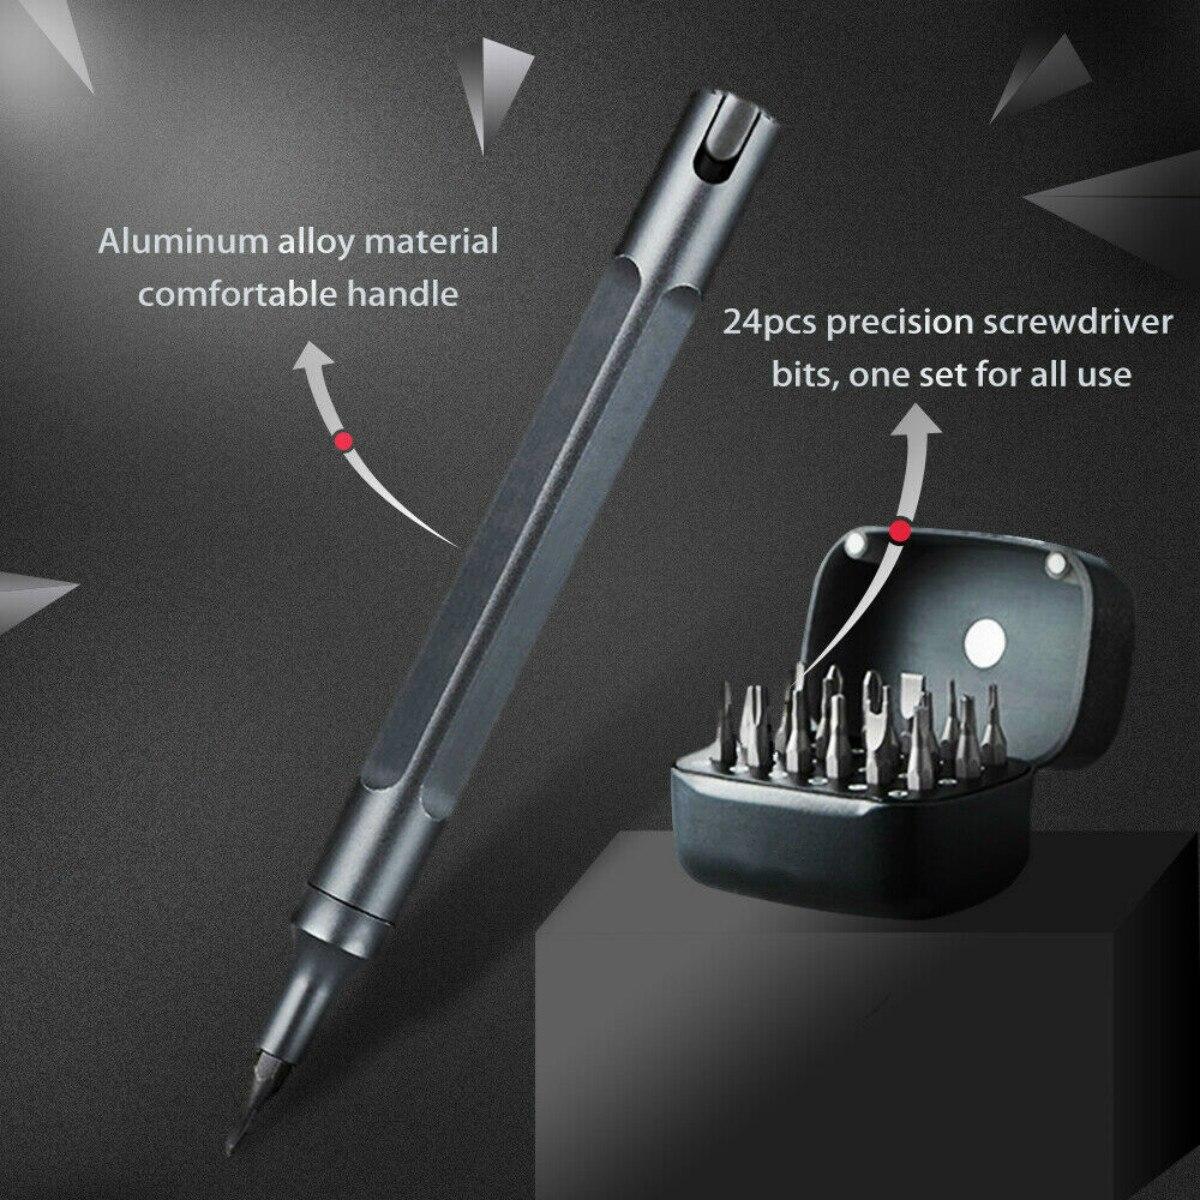 25Pcs Screwdrive Kit Precision Magnetic Bits Box Screw Driver Multi function Multi Bits Repair Tool Phone Repair Smart Home Set